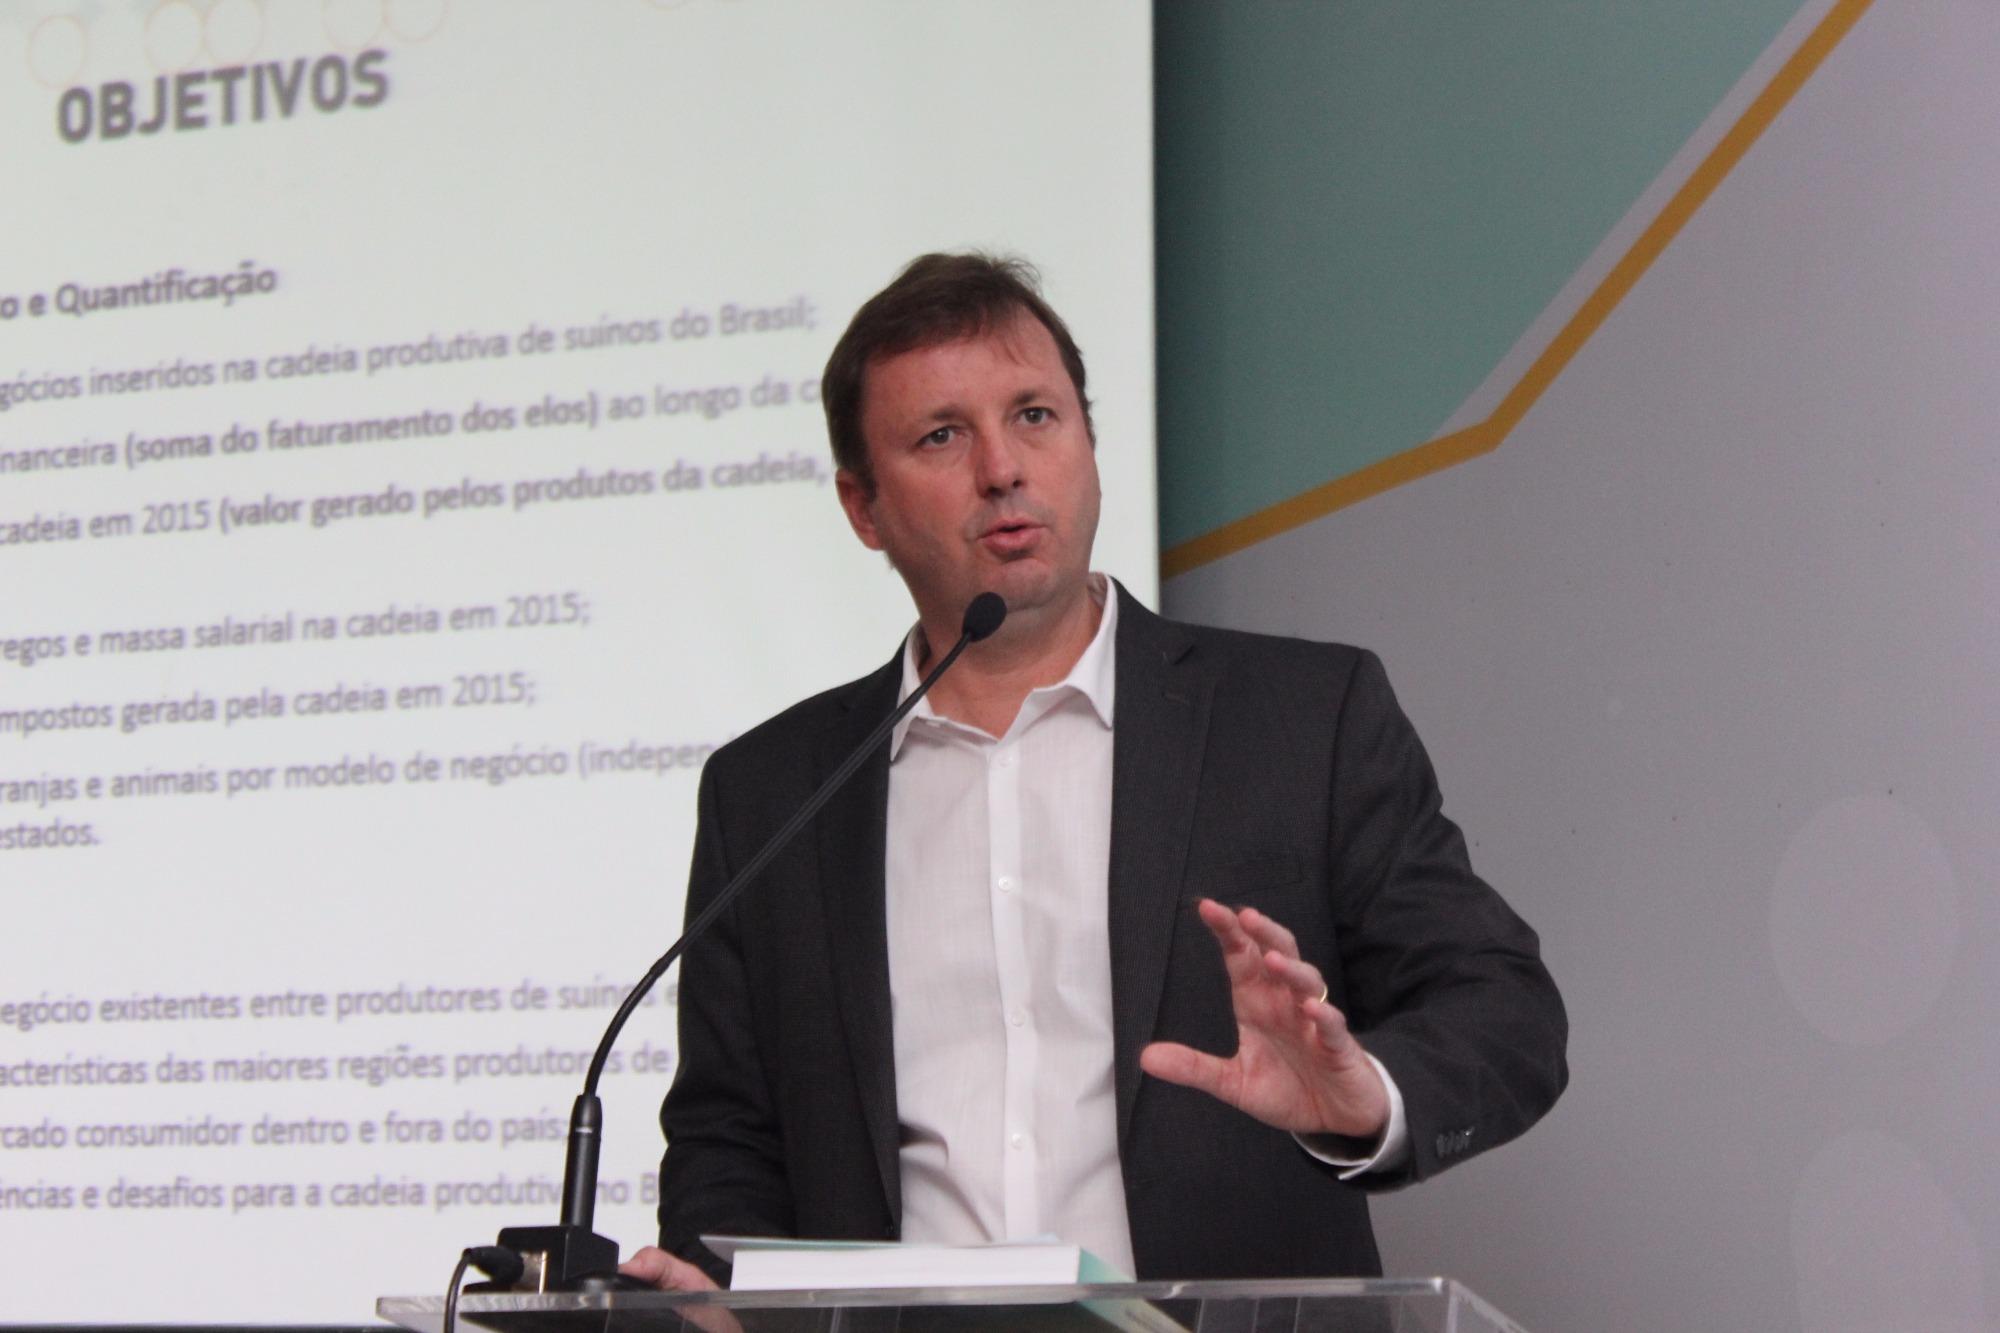 Novos mercados são oportunidade para crescimento do agronegócio brasileiro